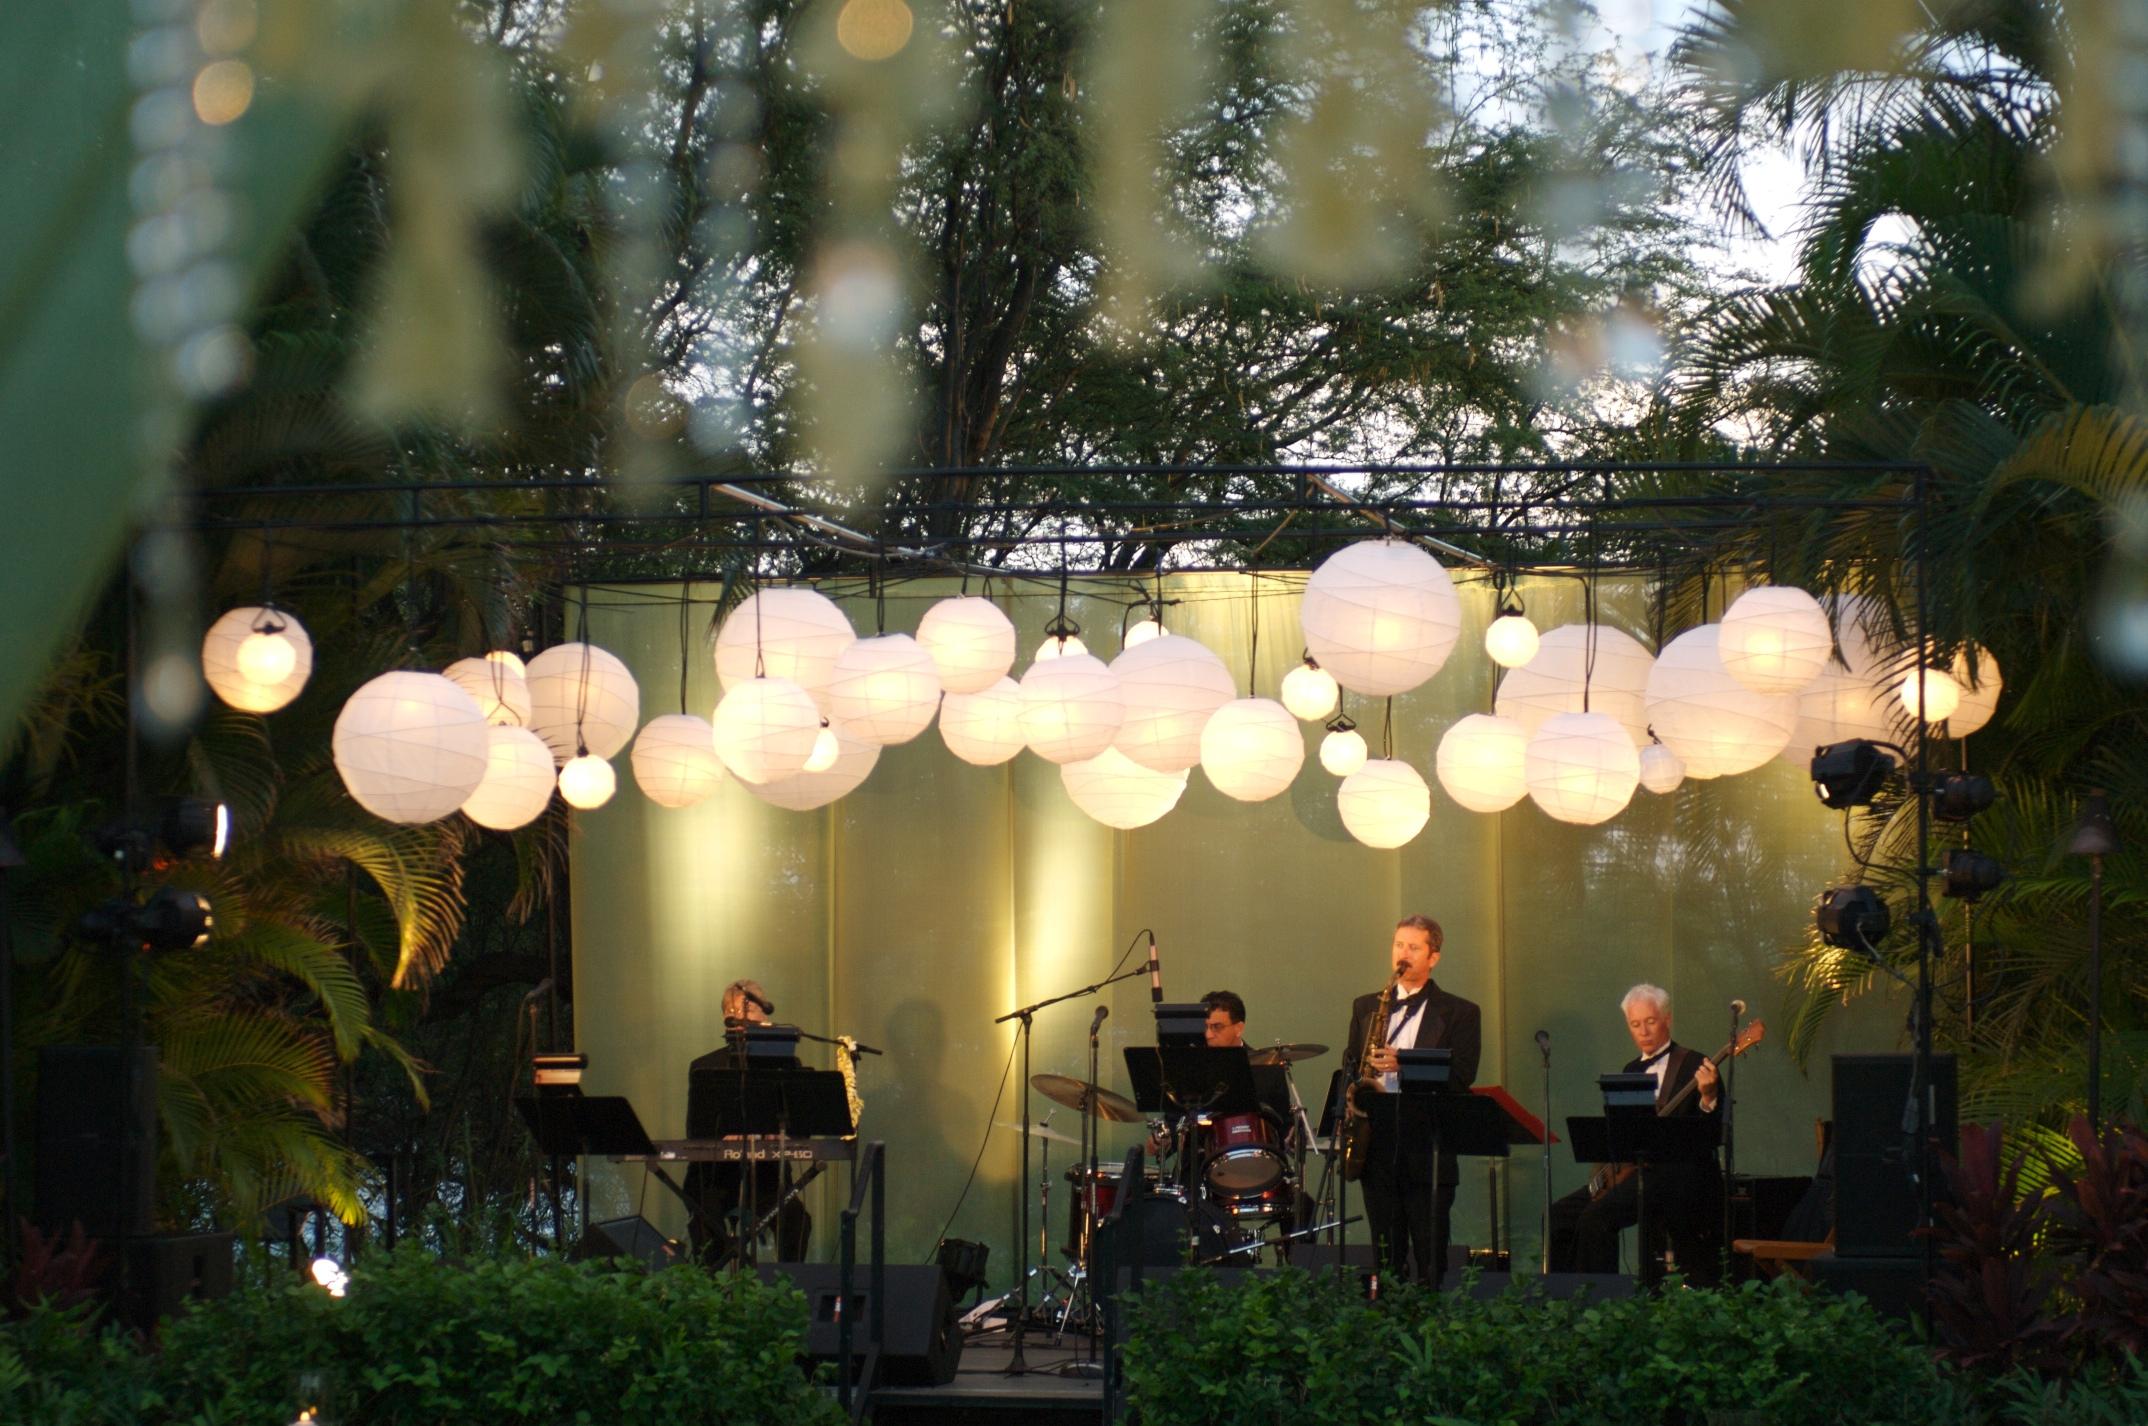 Lights and band